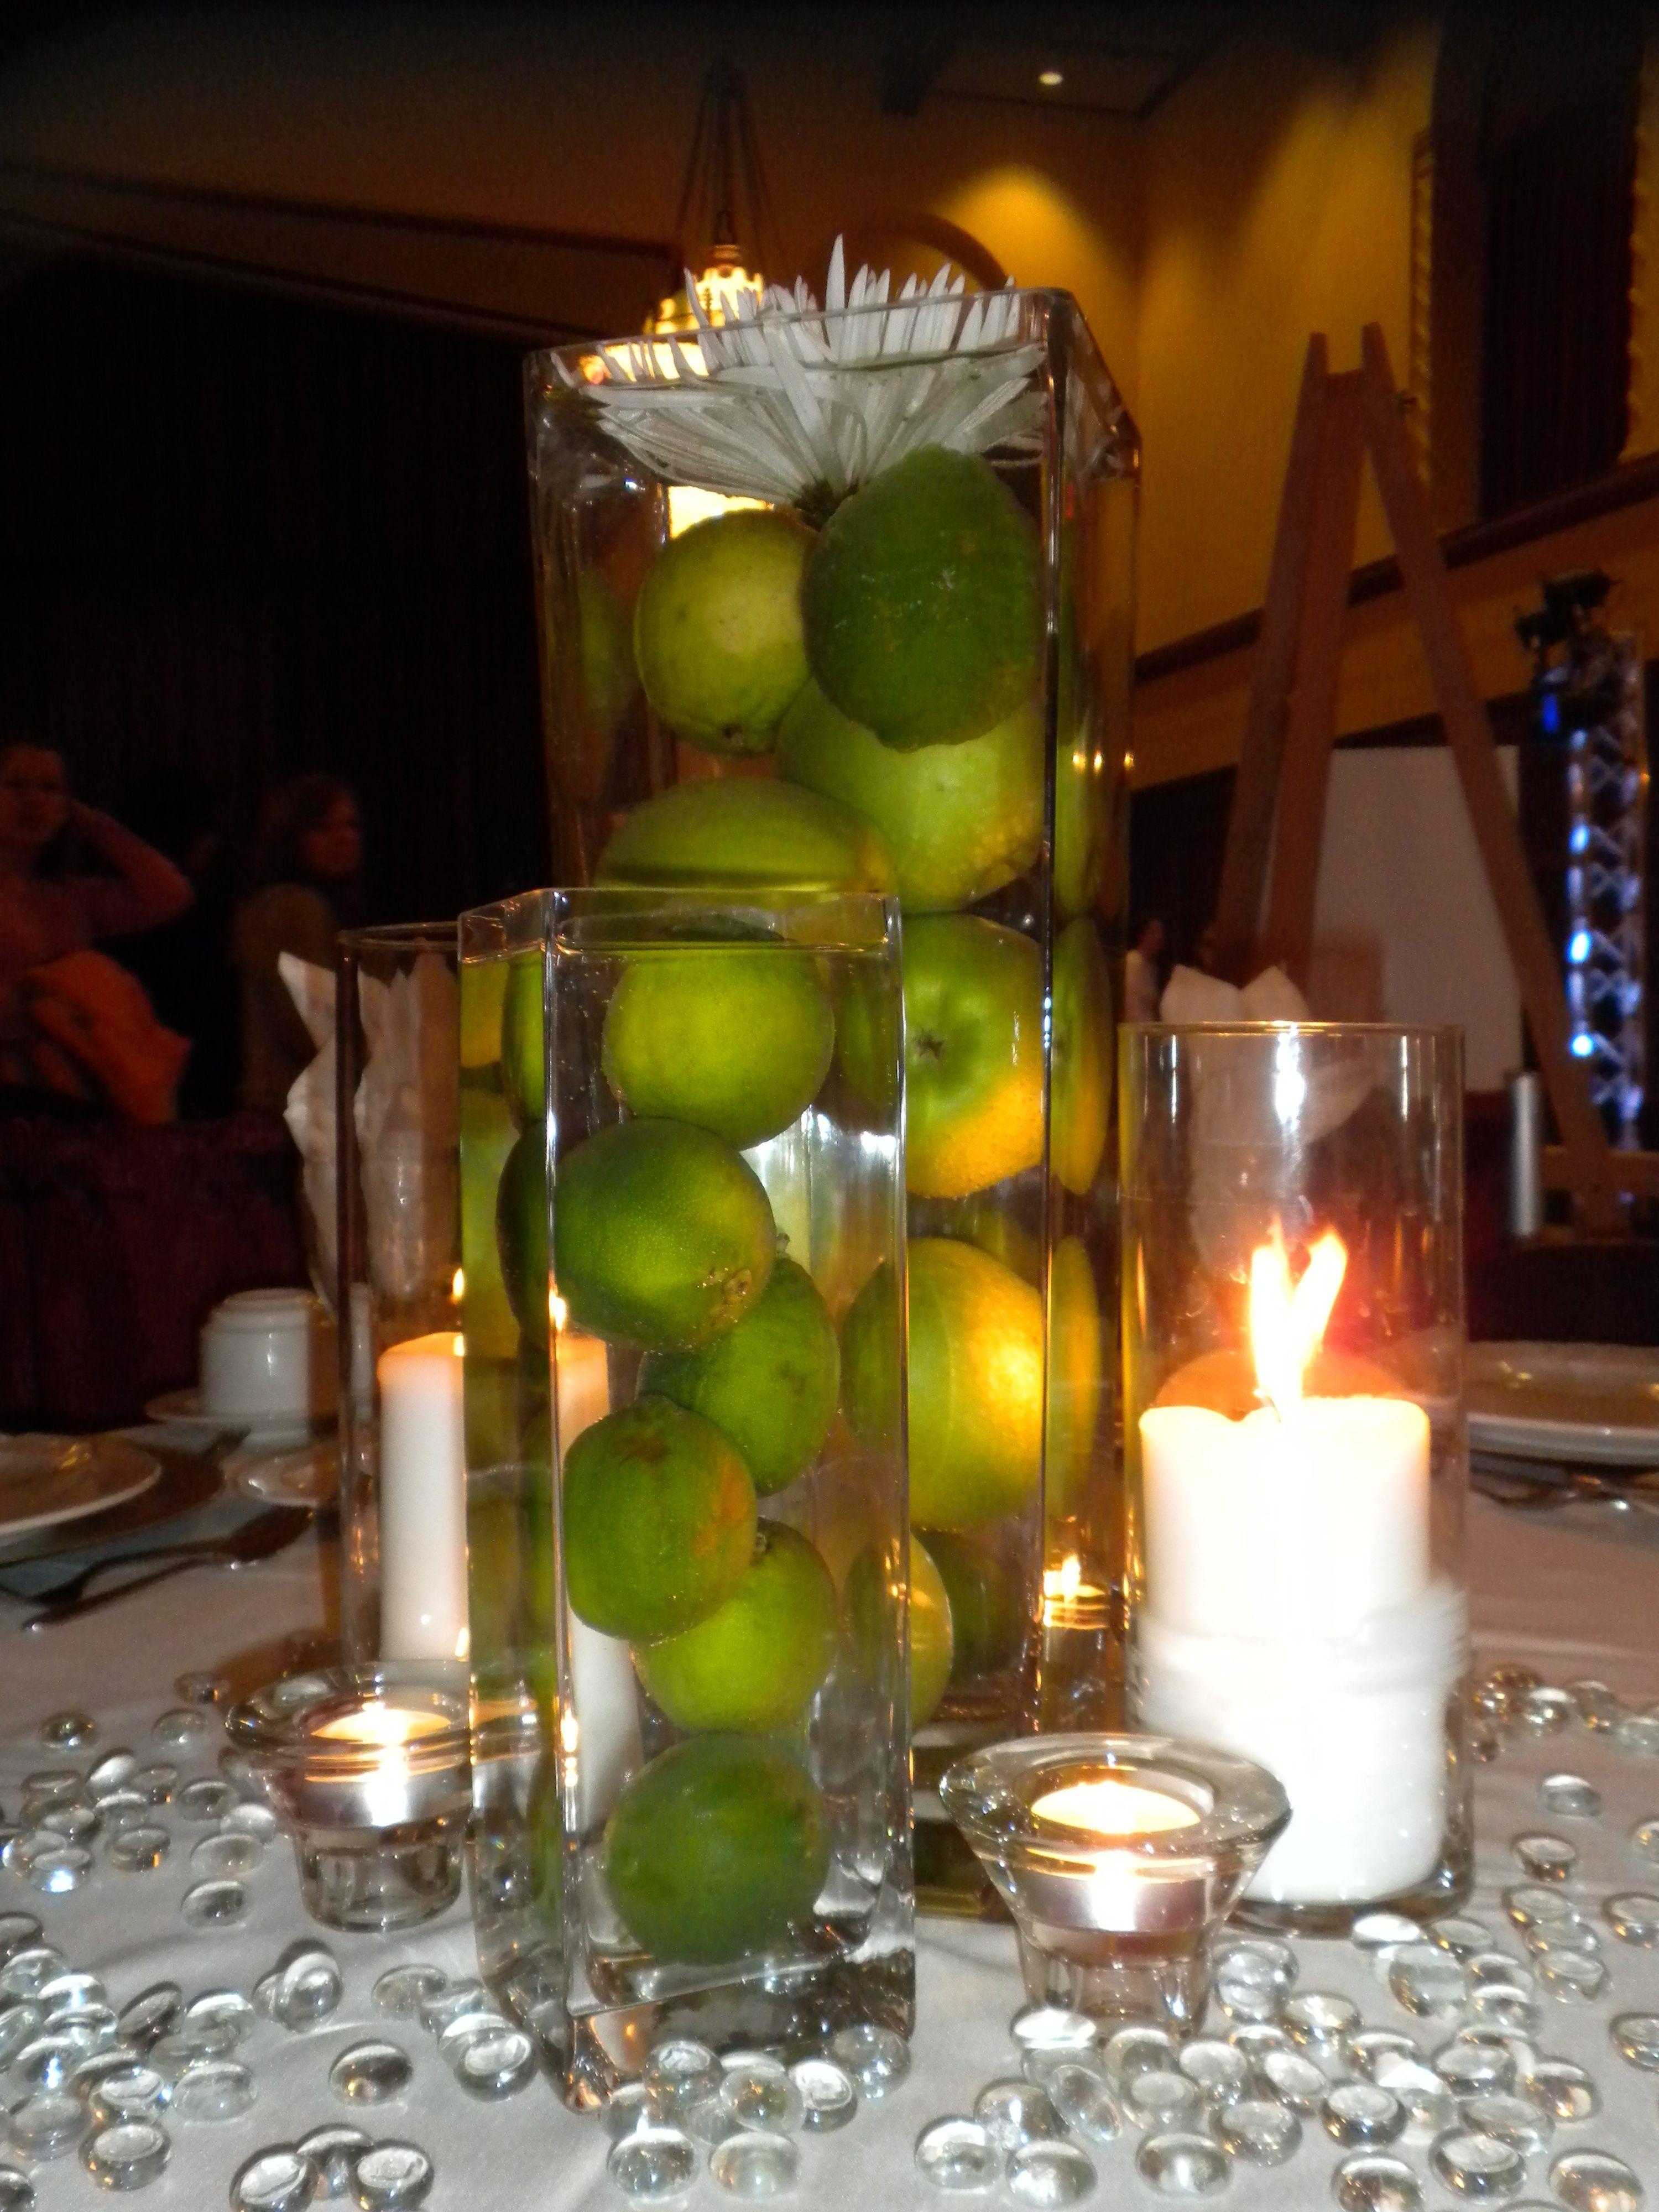 Fruit centerpieces | Wedding | Pinterest | Fruit centerpieces ...